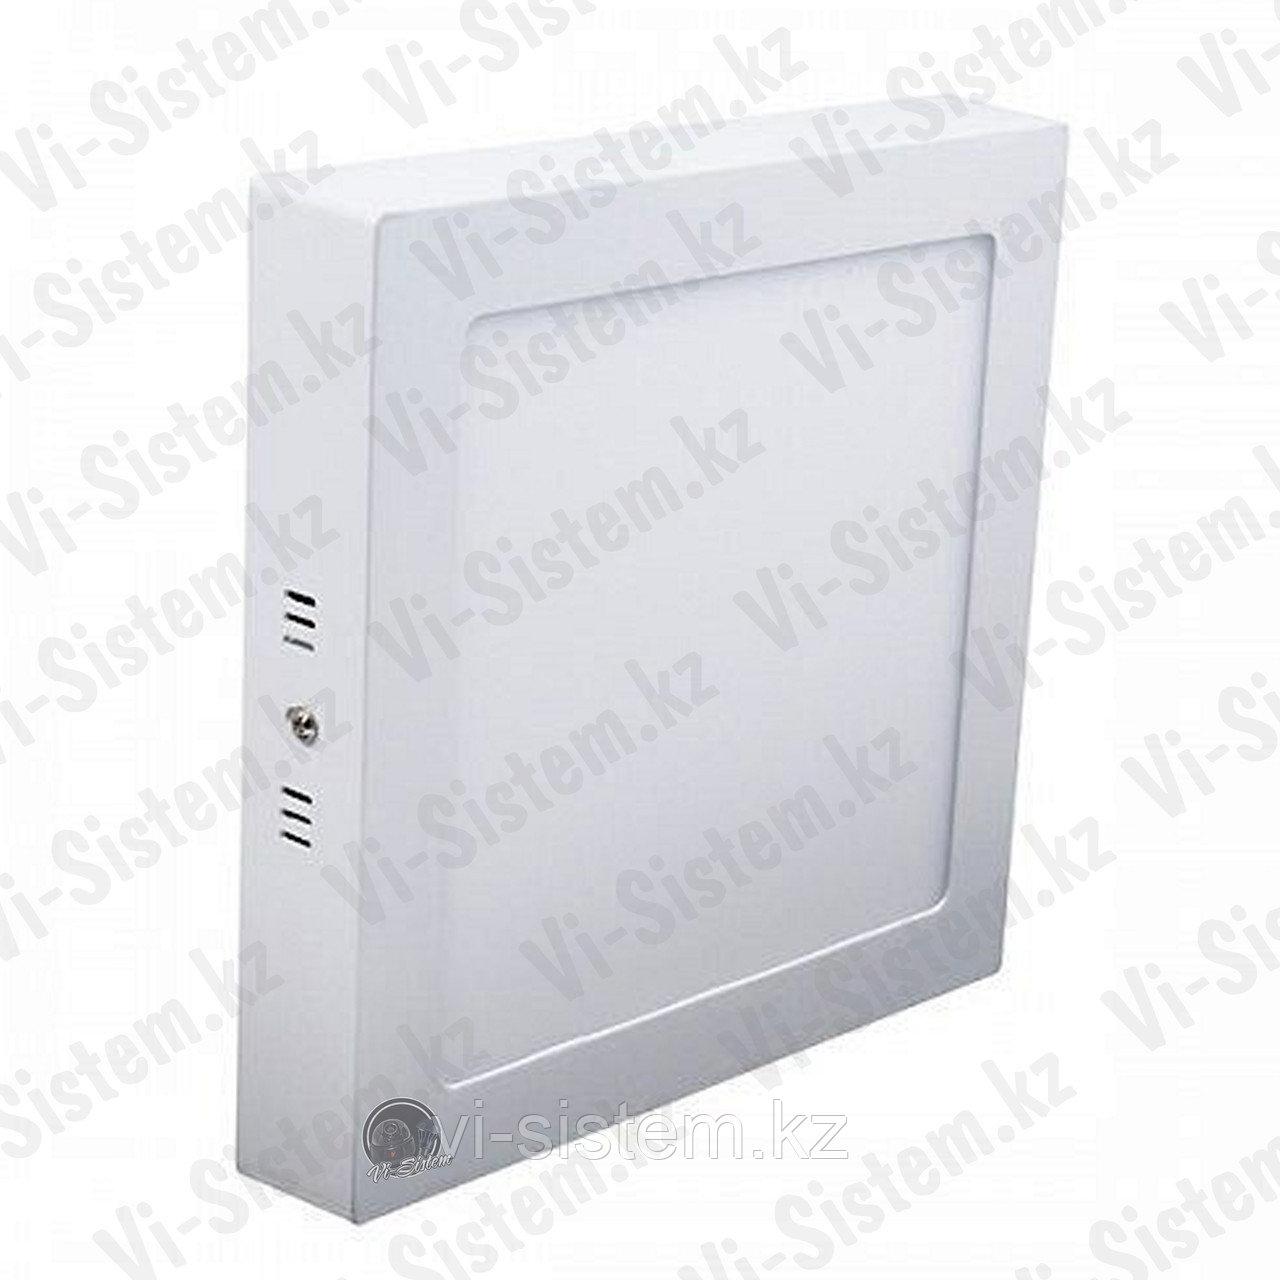 Спот светодиодный квадратный 24W 30см